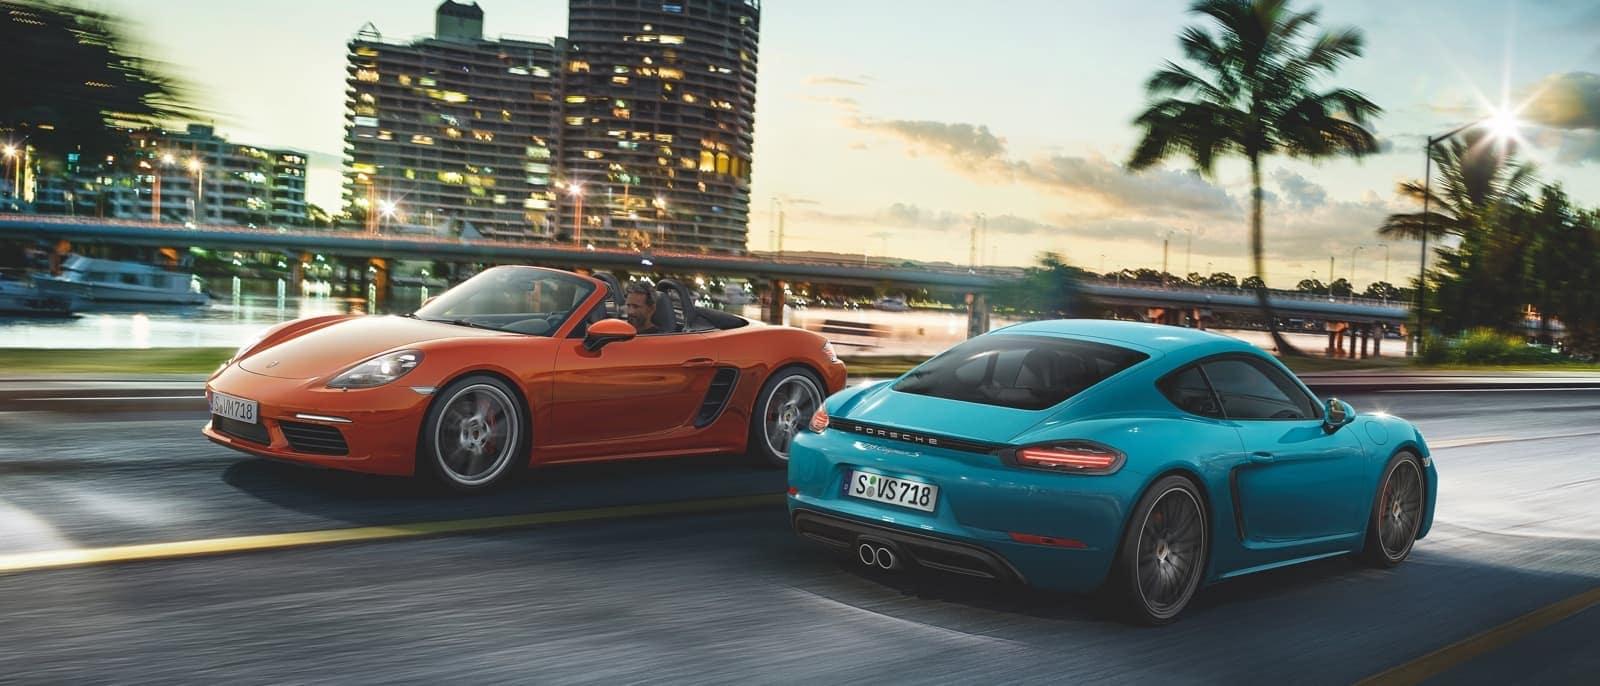 2018 Porsche 718 Boxster exterior models